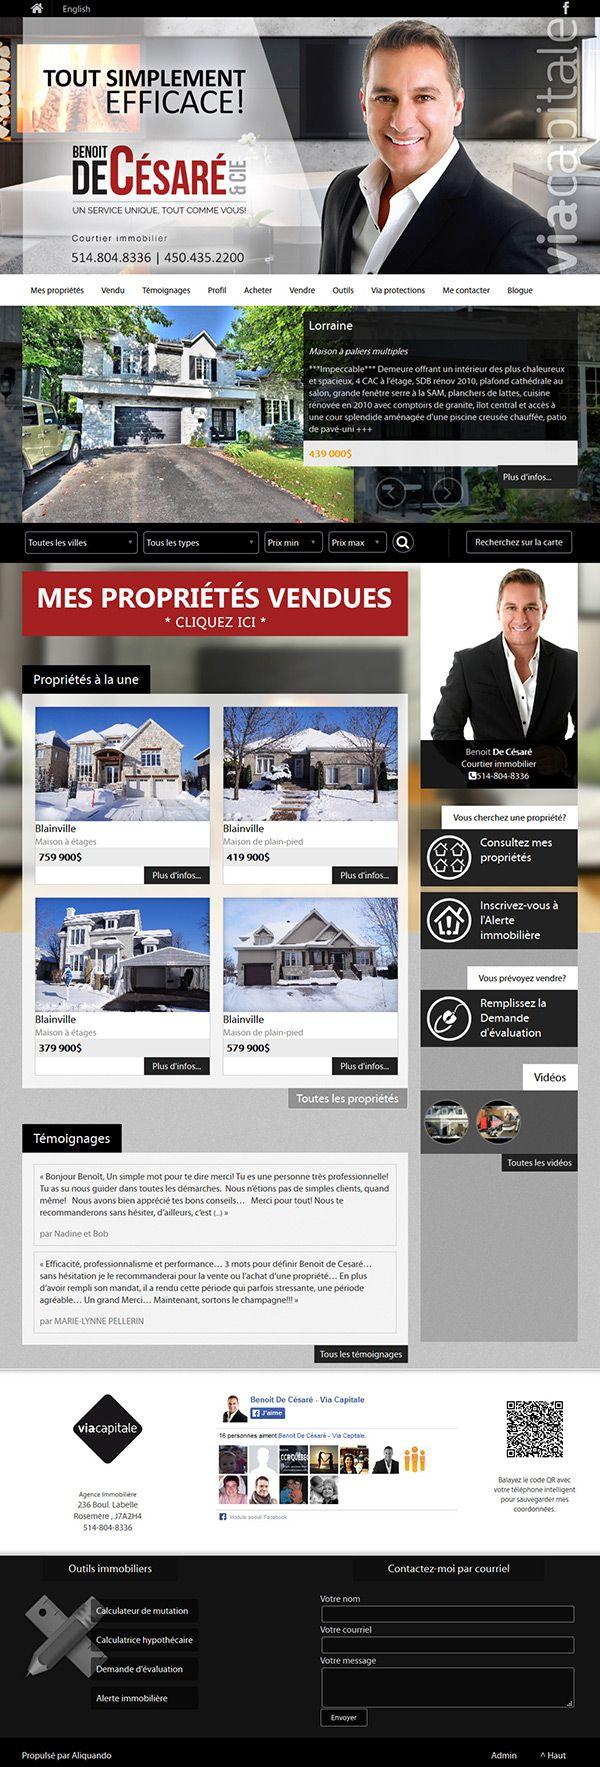 Benoît Decésaré Cie Courtier Immobilier Viacapitale Aliquando Immobilier Vendre Acheter Maison Habitation W Immobilier Courtier Immobilier A Vendre